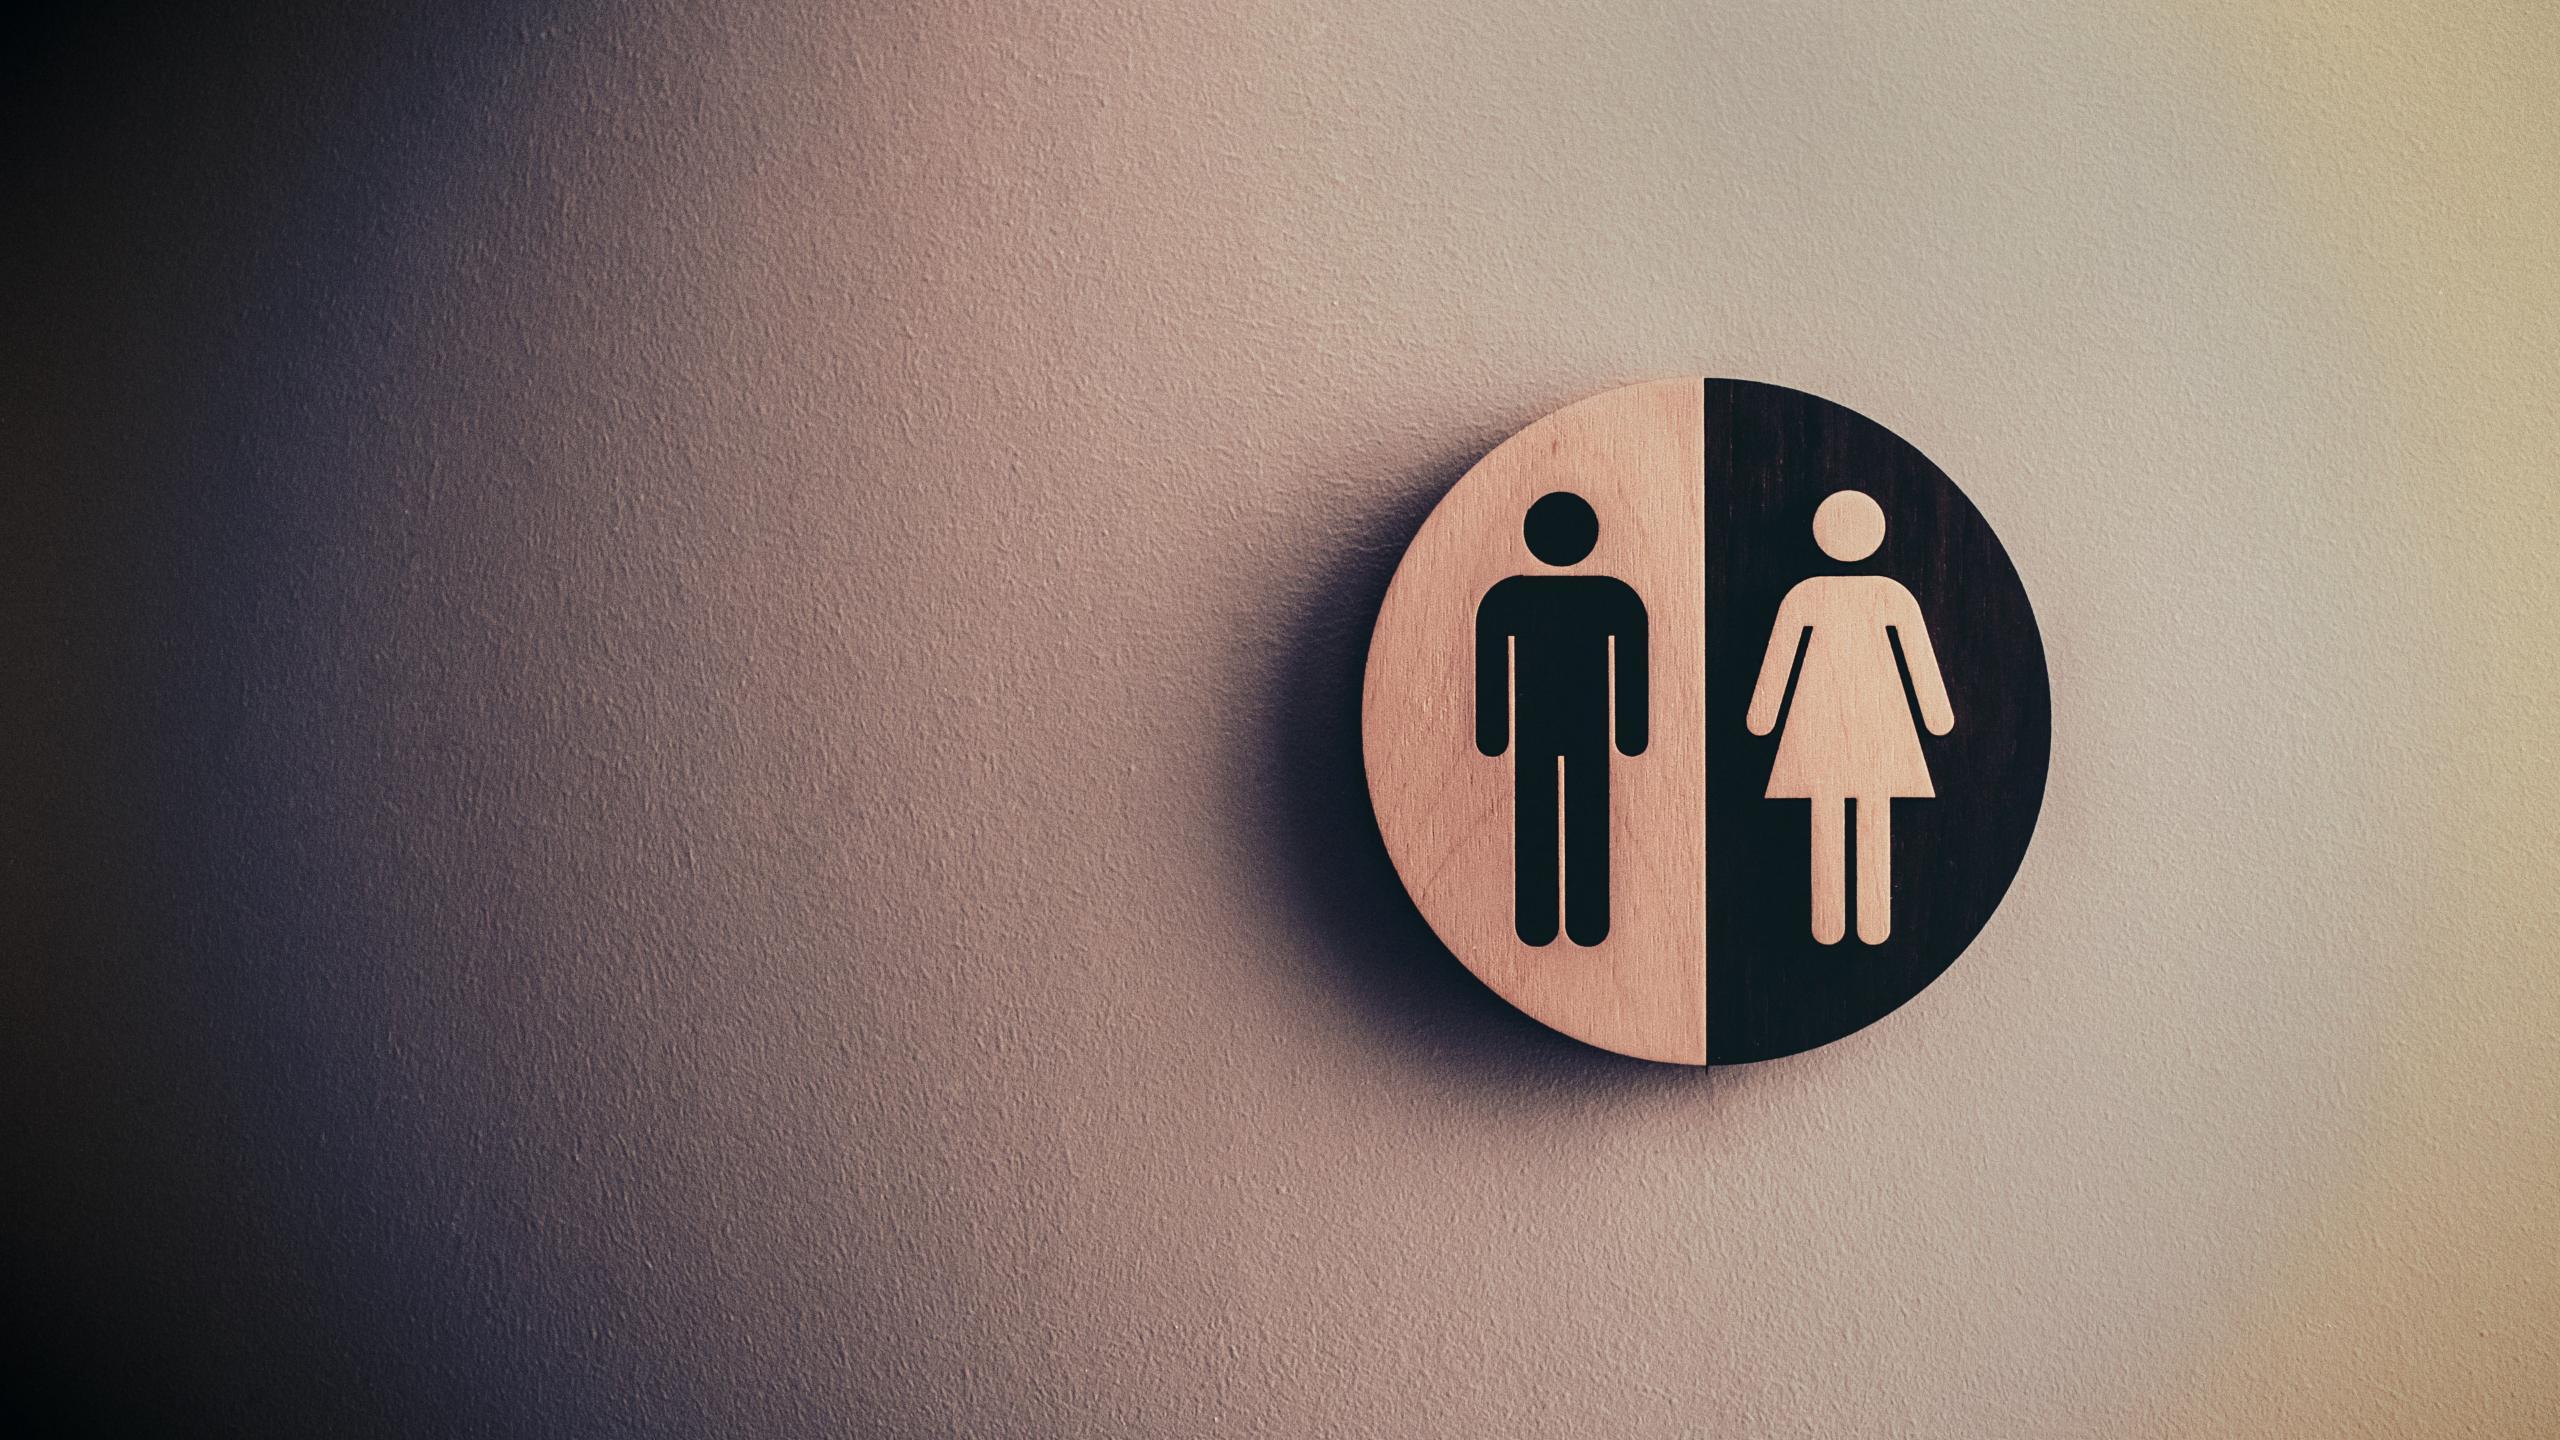 Стало известно, почему волчанкой чаще болеют женщины, а шизофренией - мужчины